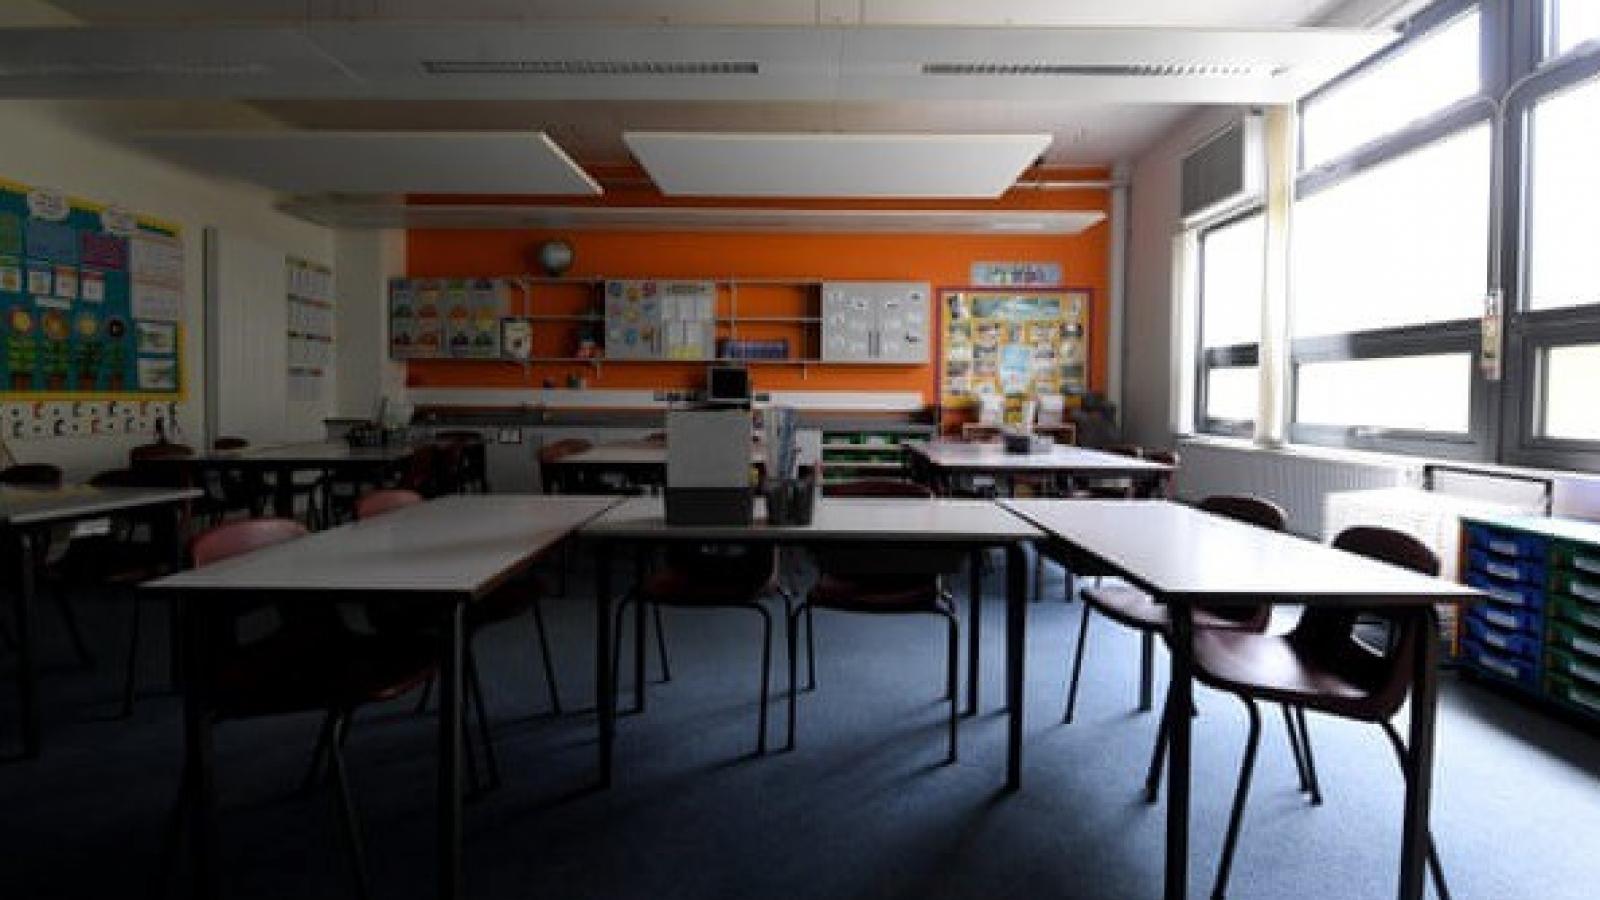 Anh tranh cãi việc mở lại trường học đầu tháng 6 giữa dịch Covid-19